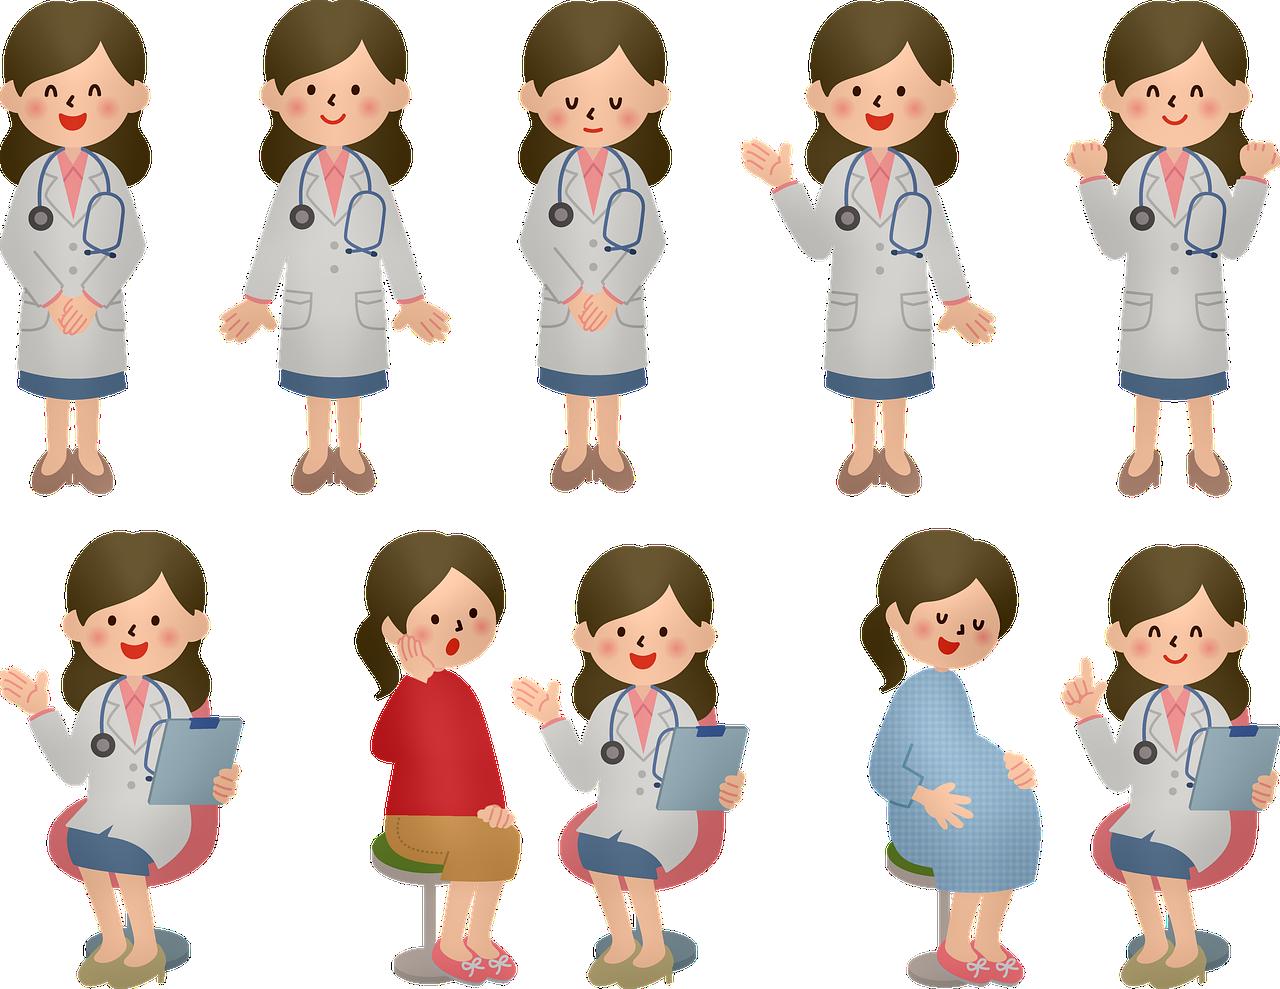 FEHW waarnemingen health check huisarts